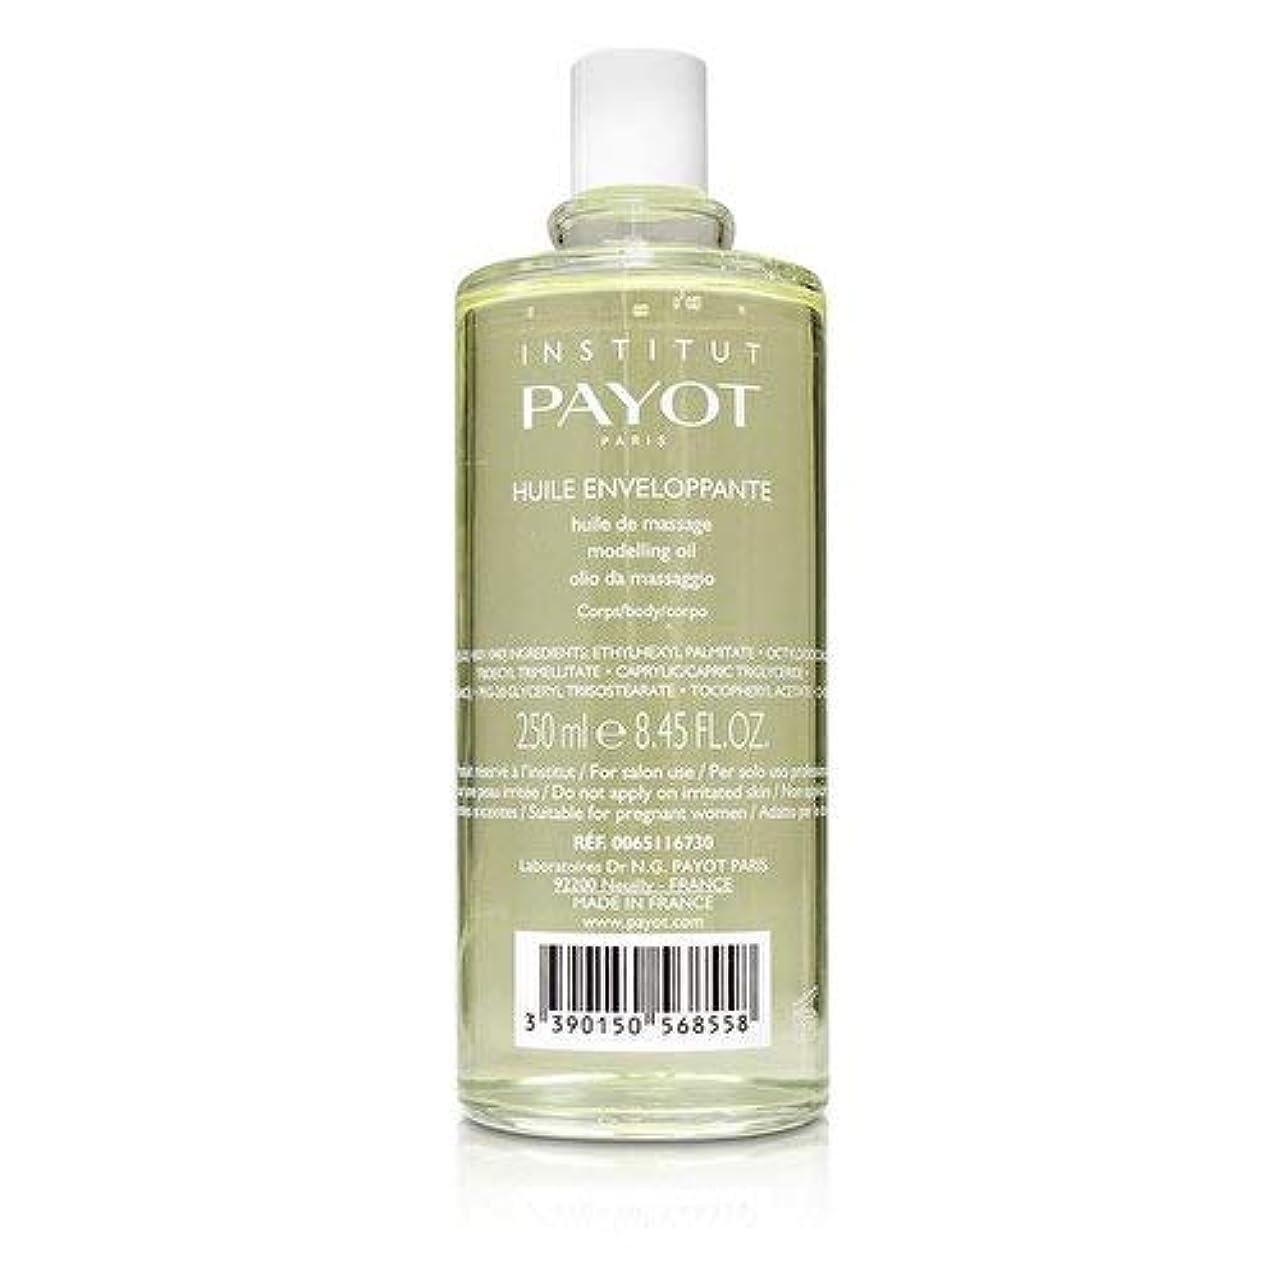 精度マサッチョ生まれパイヨ Huile Enveloppante - Body Massage Oil (Orange Blossom & Rose) (Salon Product) 250ml/8.4oz並行輸入品